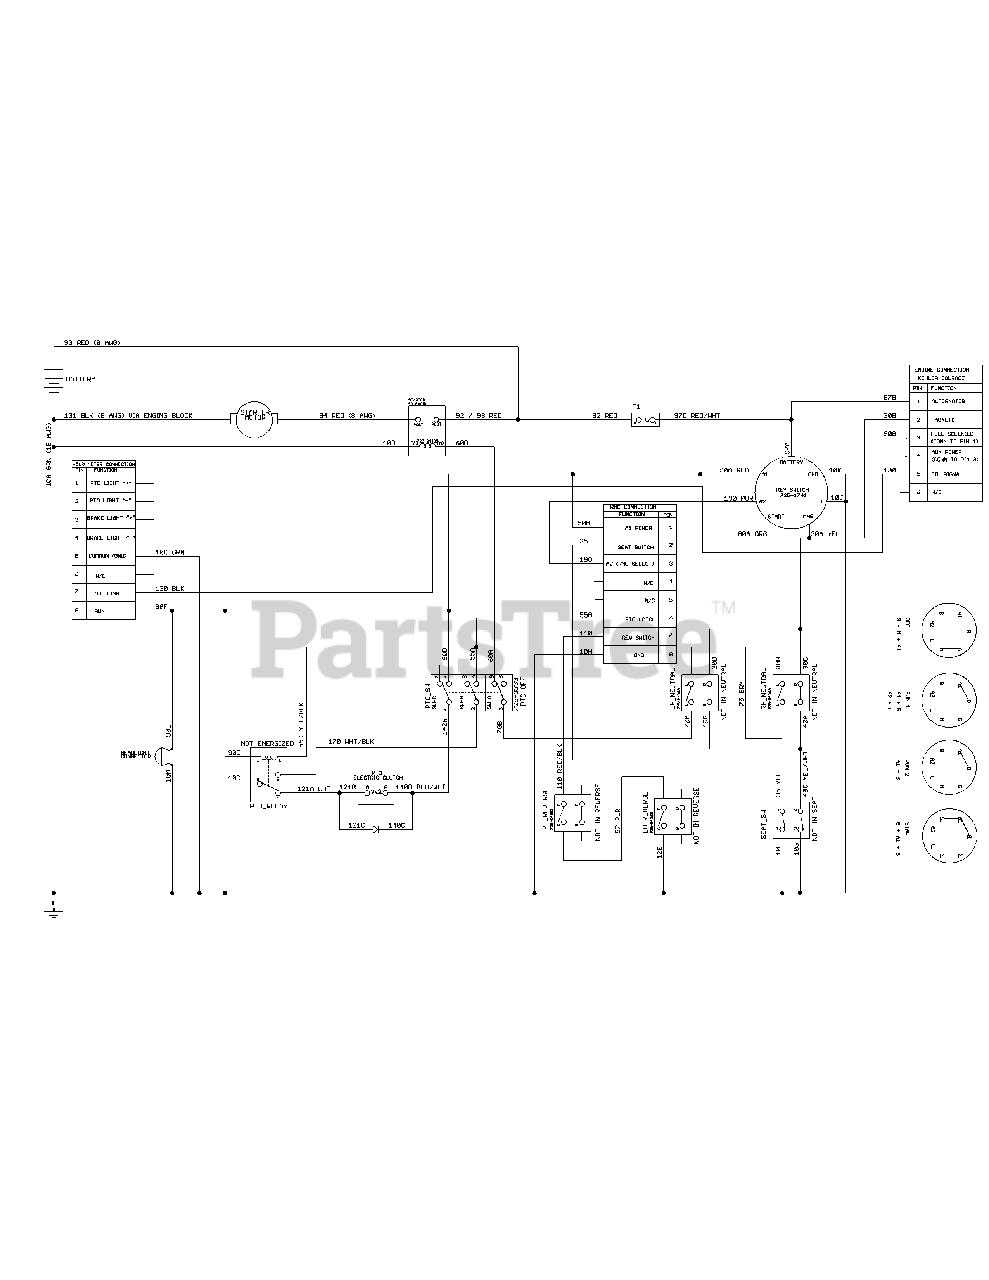 Cub Cadet Rzt 42 Wiring Diagram : CUB CADET SERVICE MANUAL